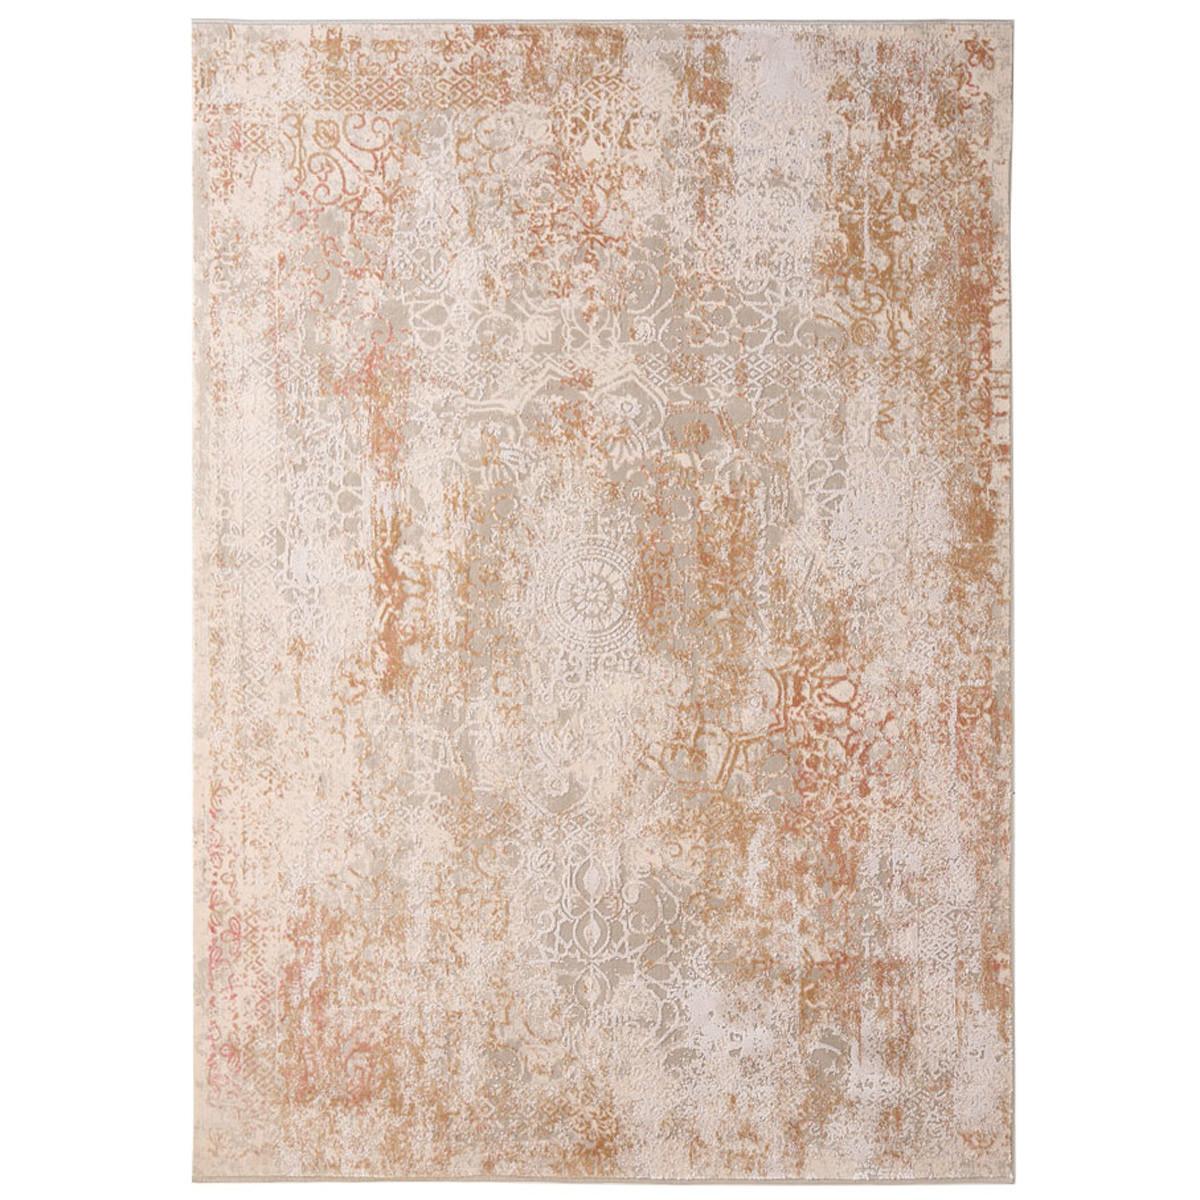 Χαλιά Κρεβατοκάμαρας (Σετ 3τμχ) Royal Carpets Vogue 226 Beige home   χαλιά   χαλιά κρεβατοκάμαρας